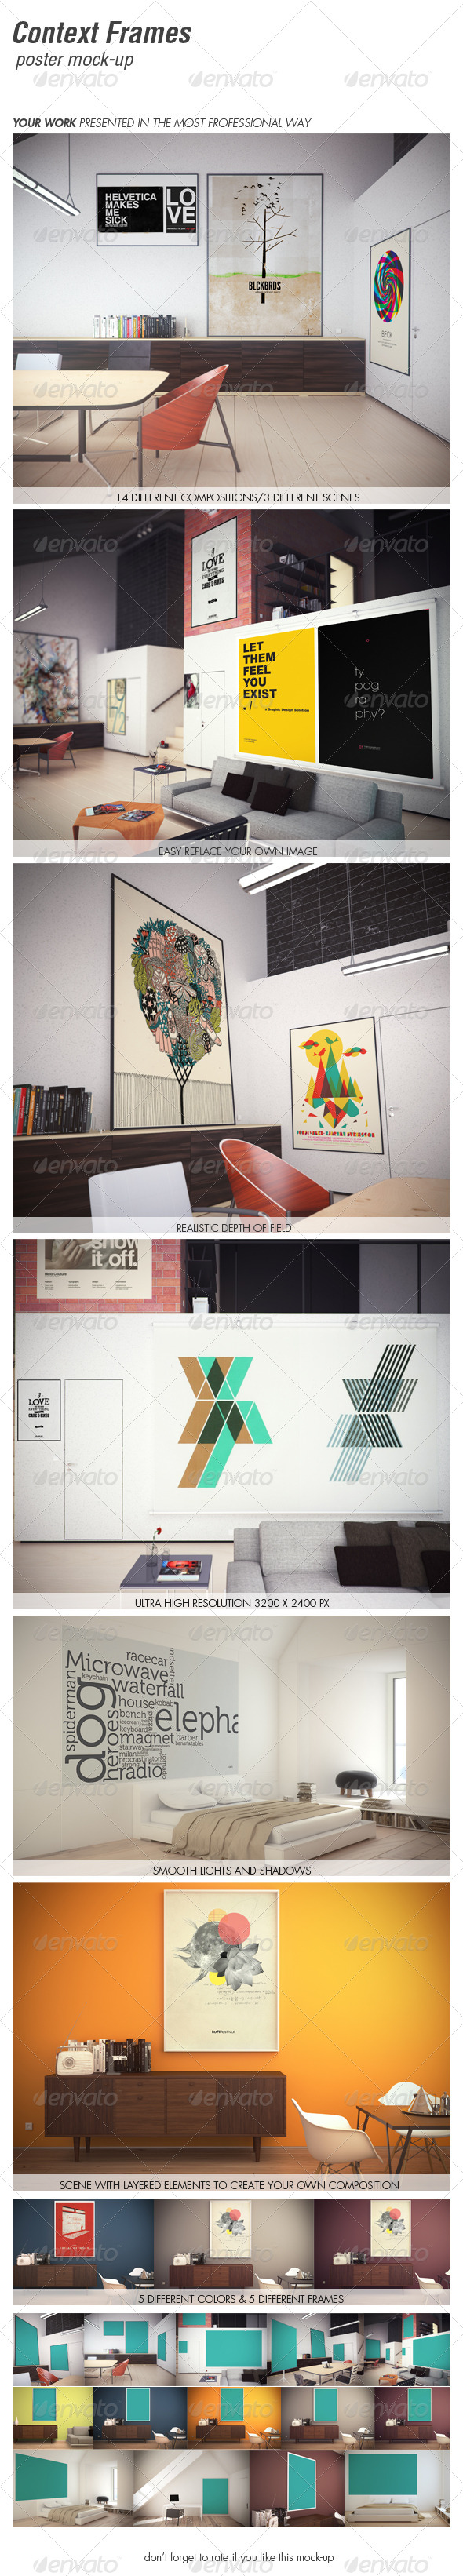 CONTEXT FRAMES poster mock-up vol. 2  - Product Mock-Ups Graphics